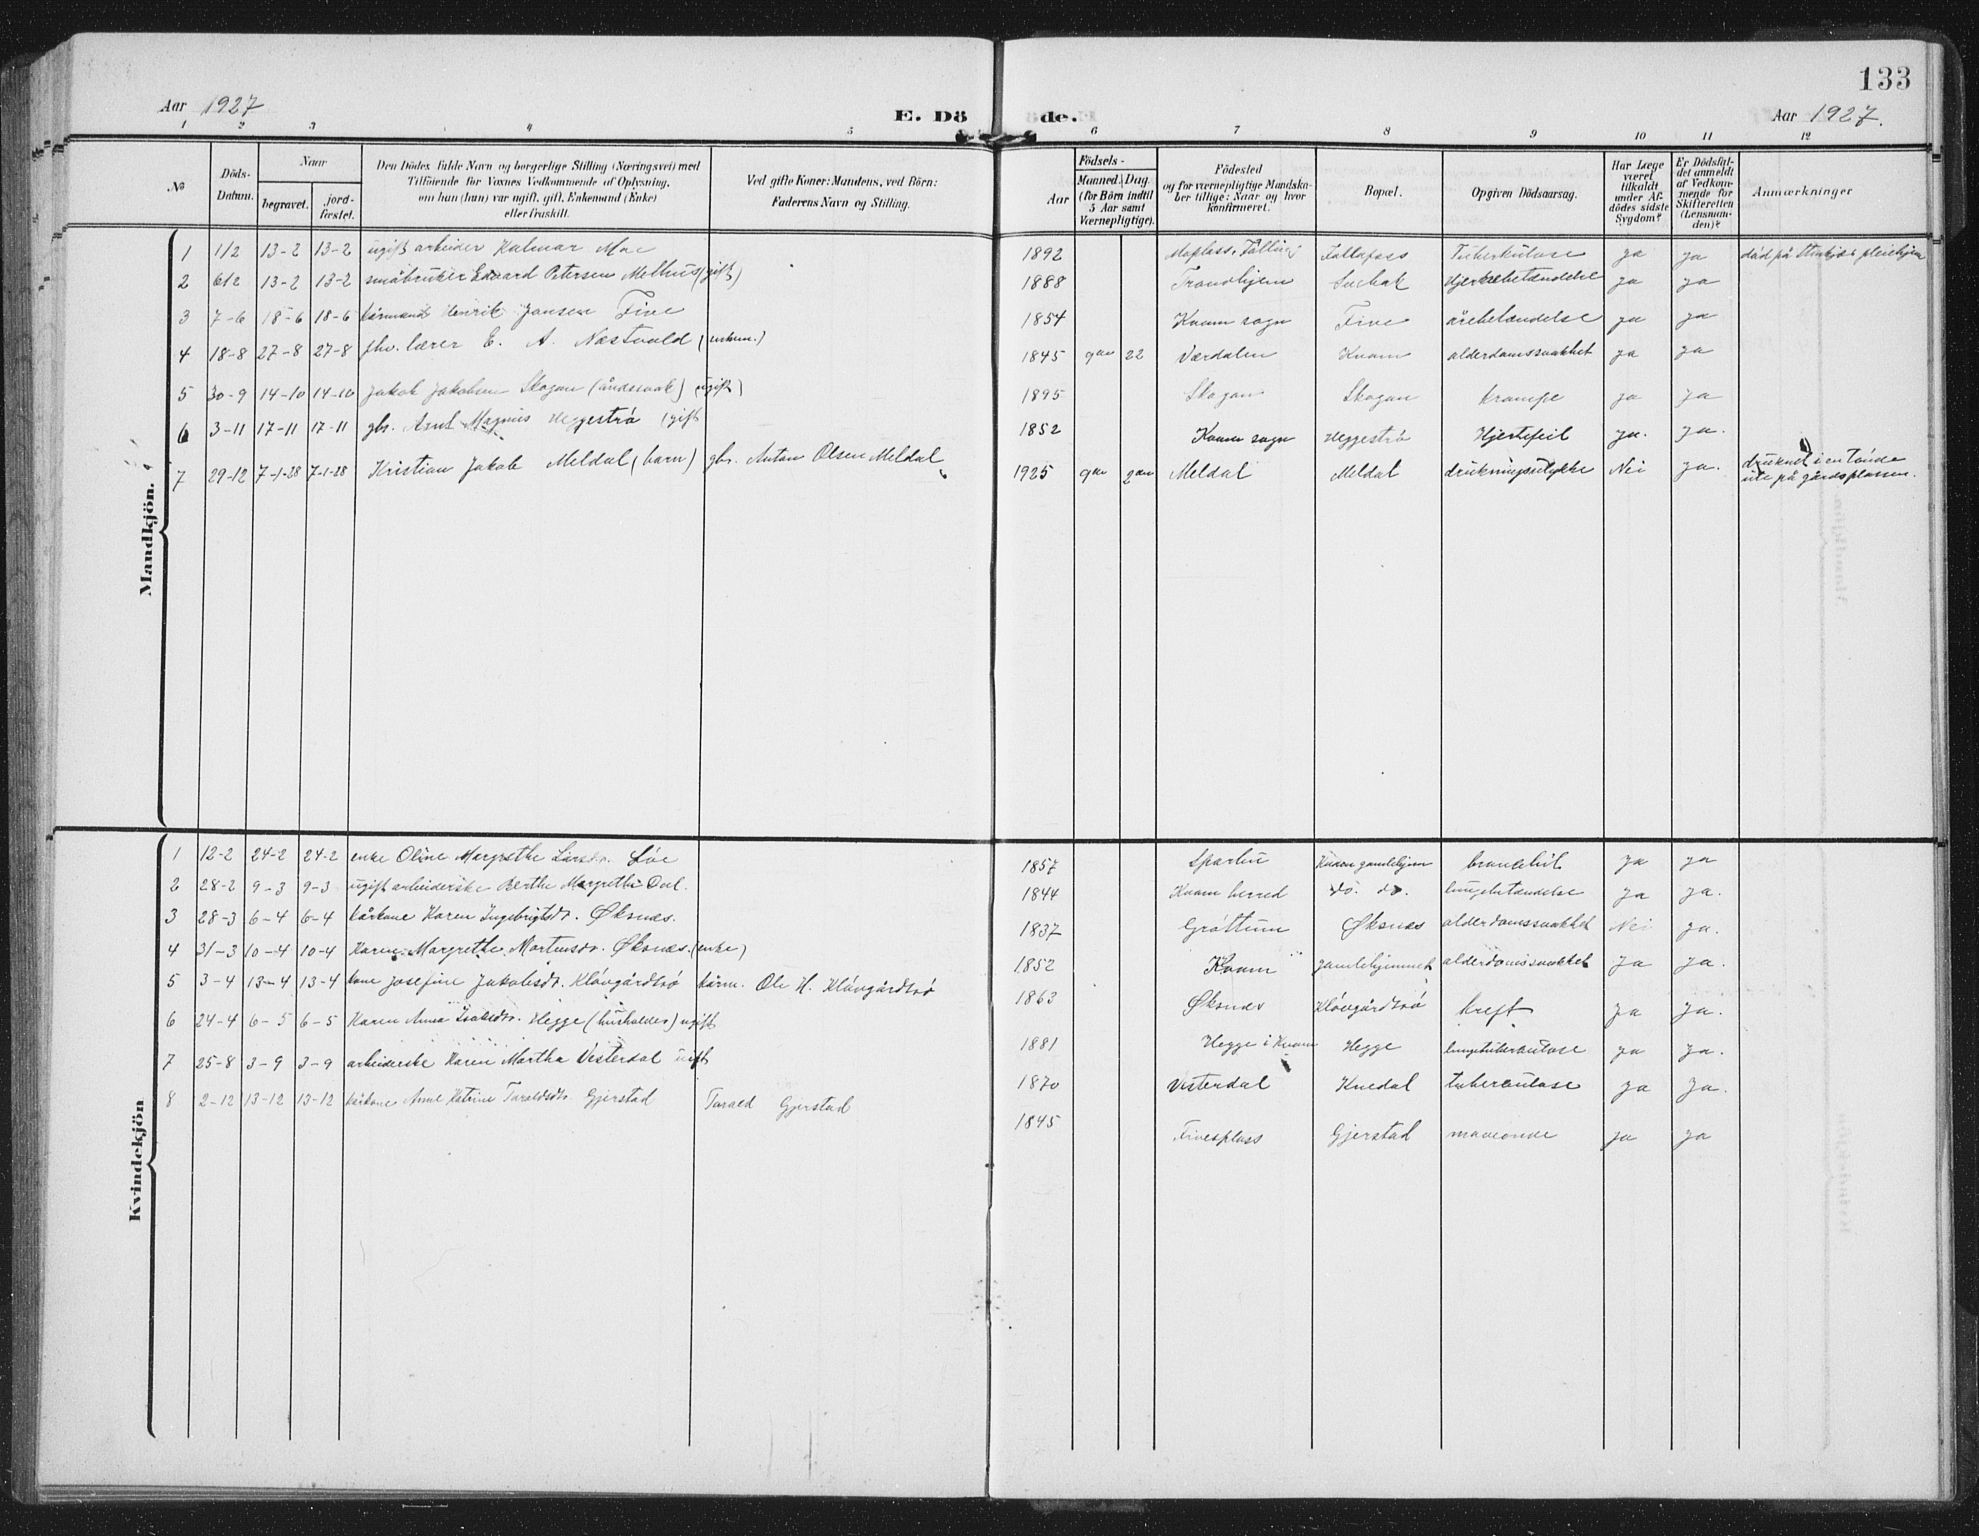 SAT, Ministerialprotokoller, klokkerbøker og fødselsregistre - Nord-Trøndelag, 747/L0460: Klokkerbok nr. 747C02, 1908-1939, s. 133